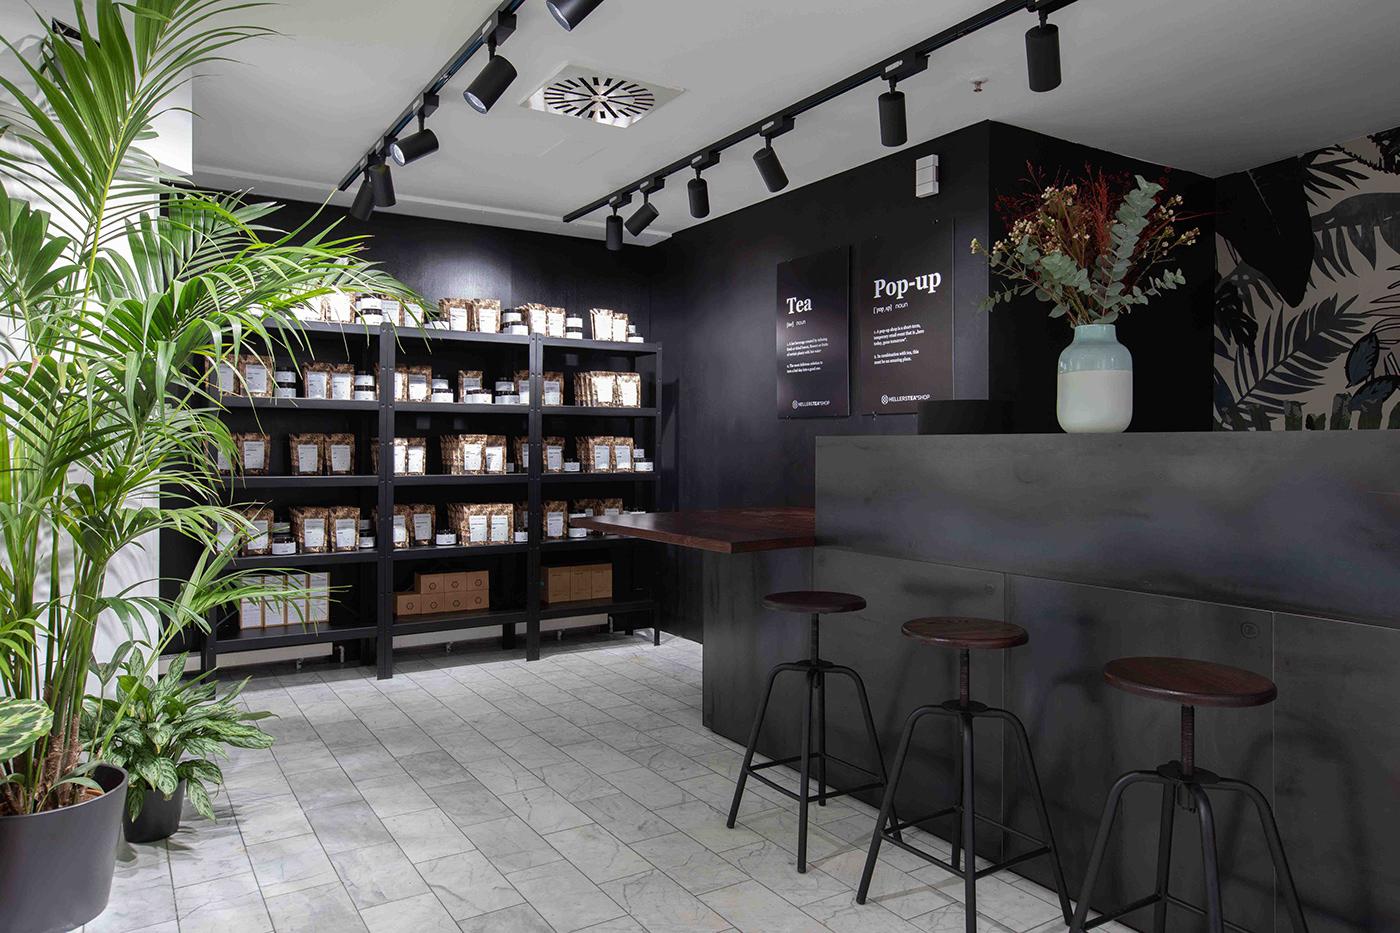 Innenarchitektur interior design  Nobla Karlsruhe raumdesign Tea shop